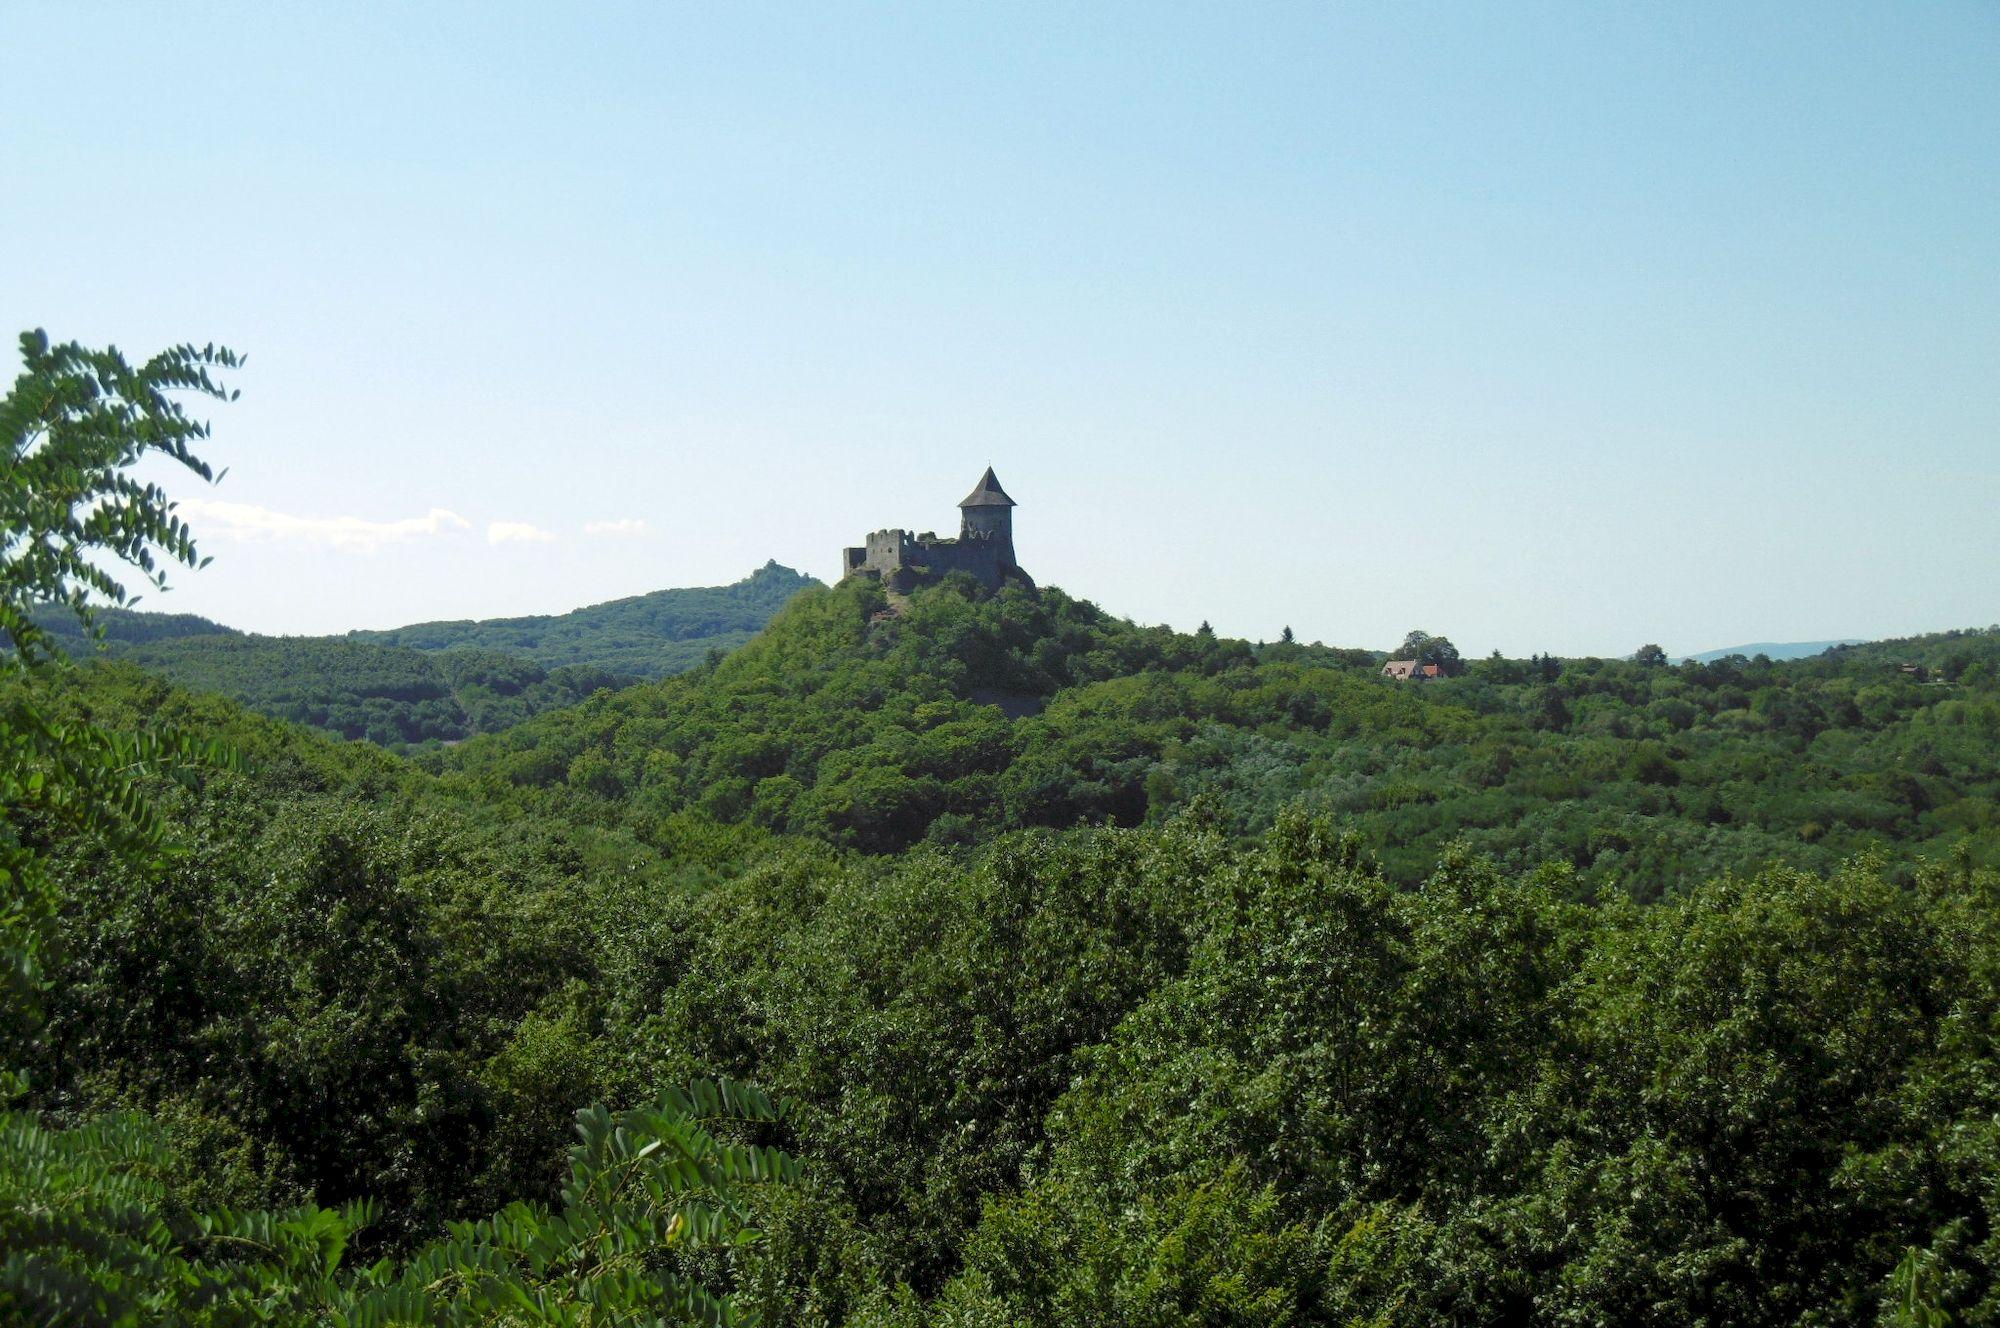 z rozhľadne Mačacia hrad Šomoška v diaľke hrad Salgovár